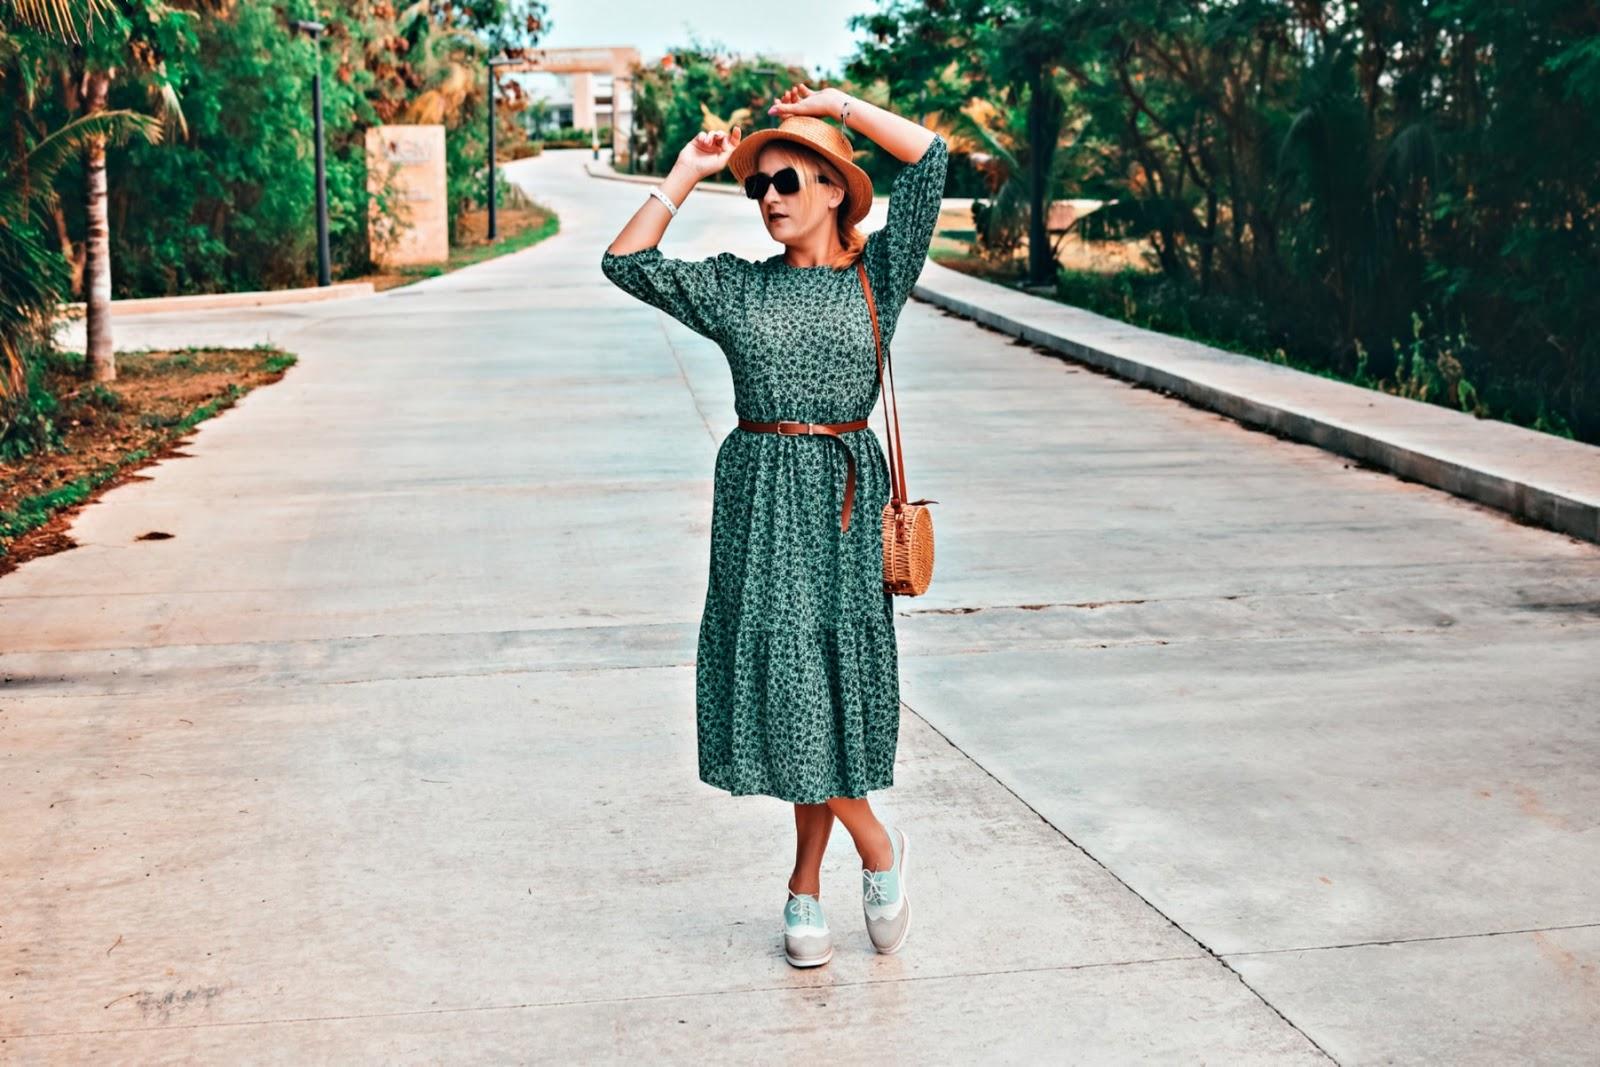 Zielona, midi sukienka w kubańskiej stylizacji